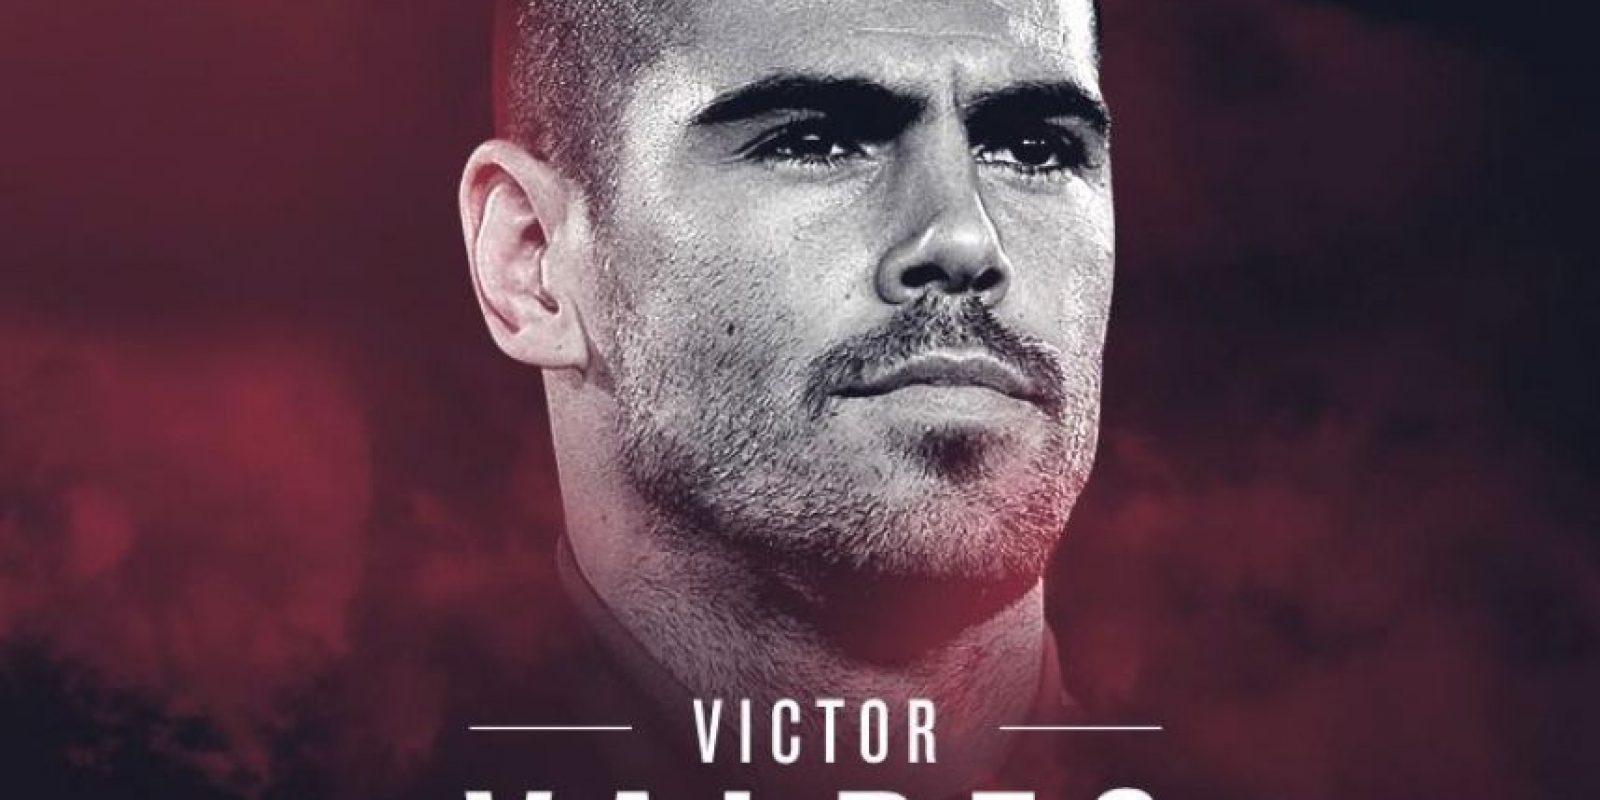 Así le dio la bienvenida el club en sus redes sociales Foto:Facebook: Manchester United